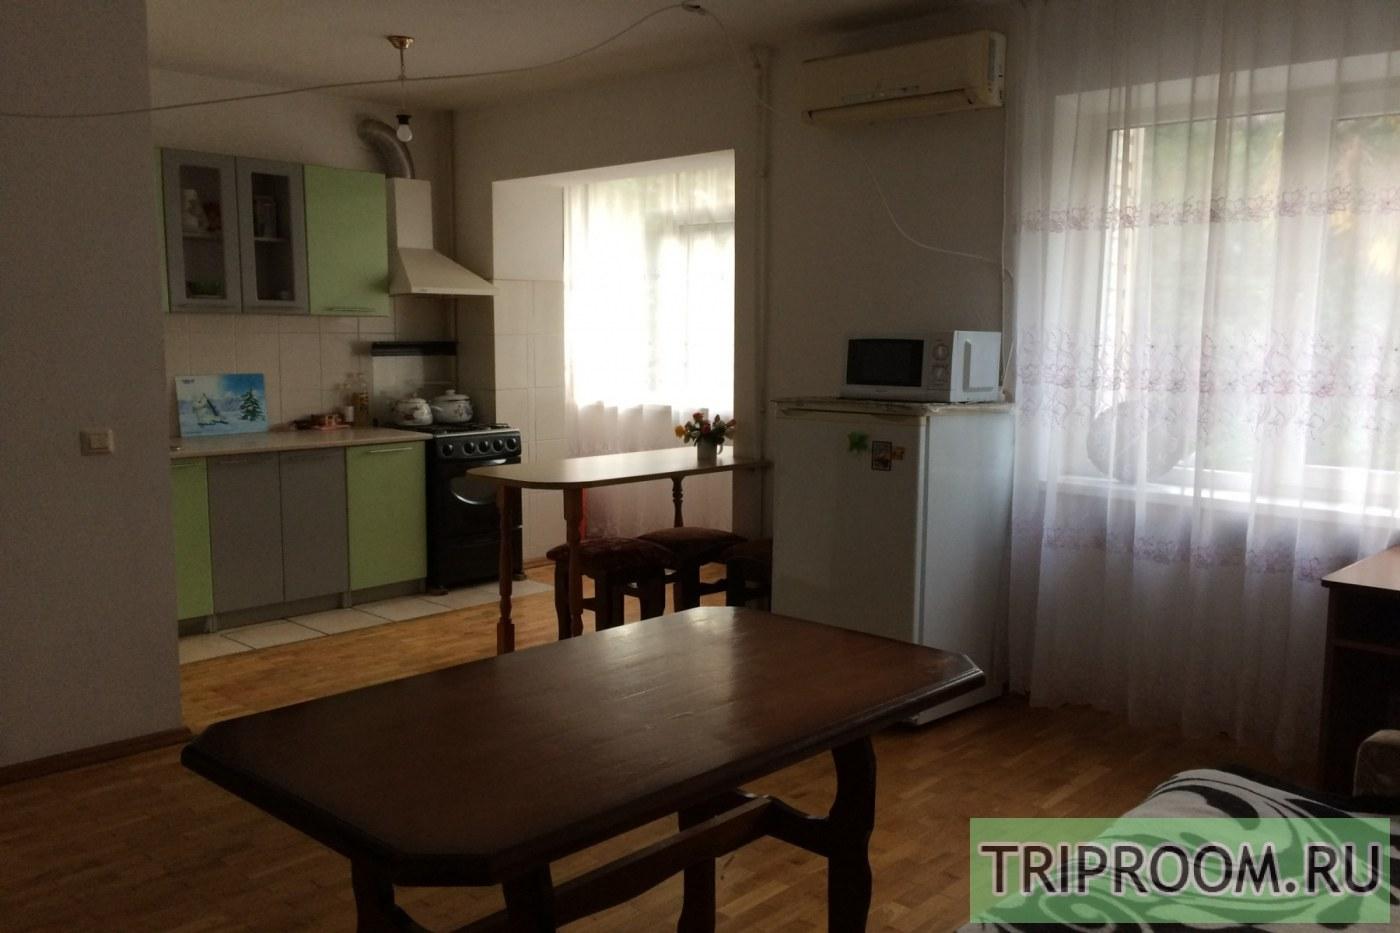 3-комнатная квартира посуточно (вариант № 23263), ул. Островского улица, фото № 18